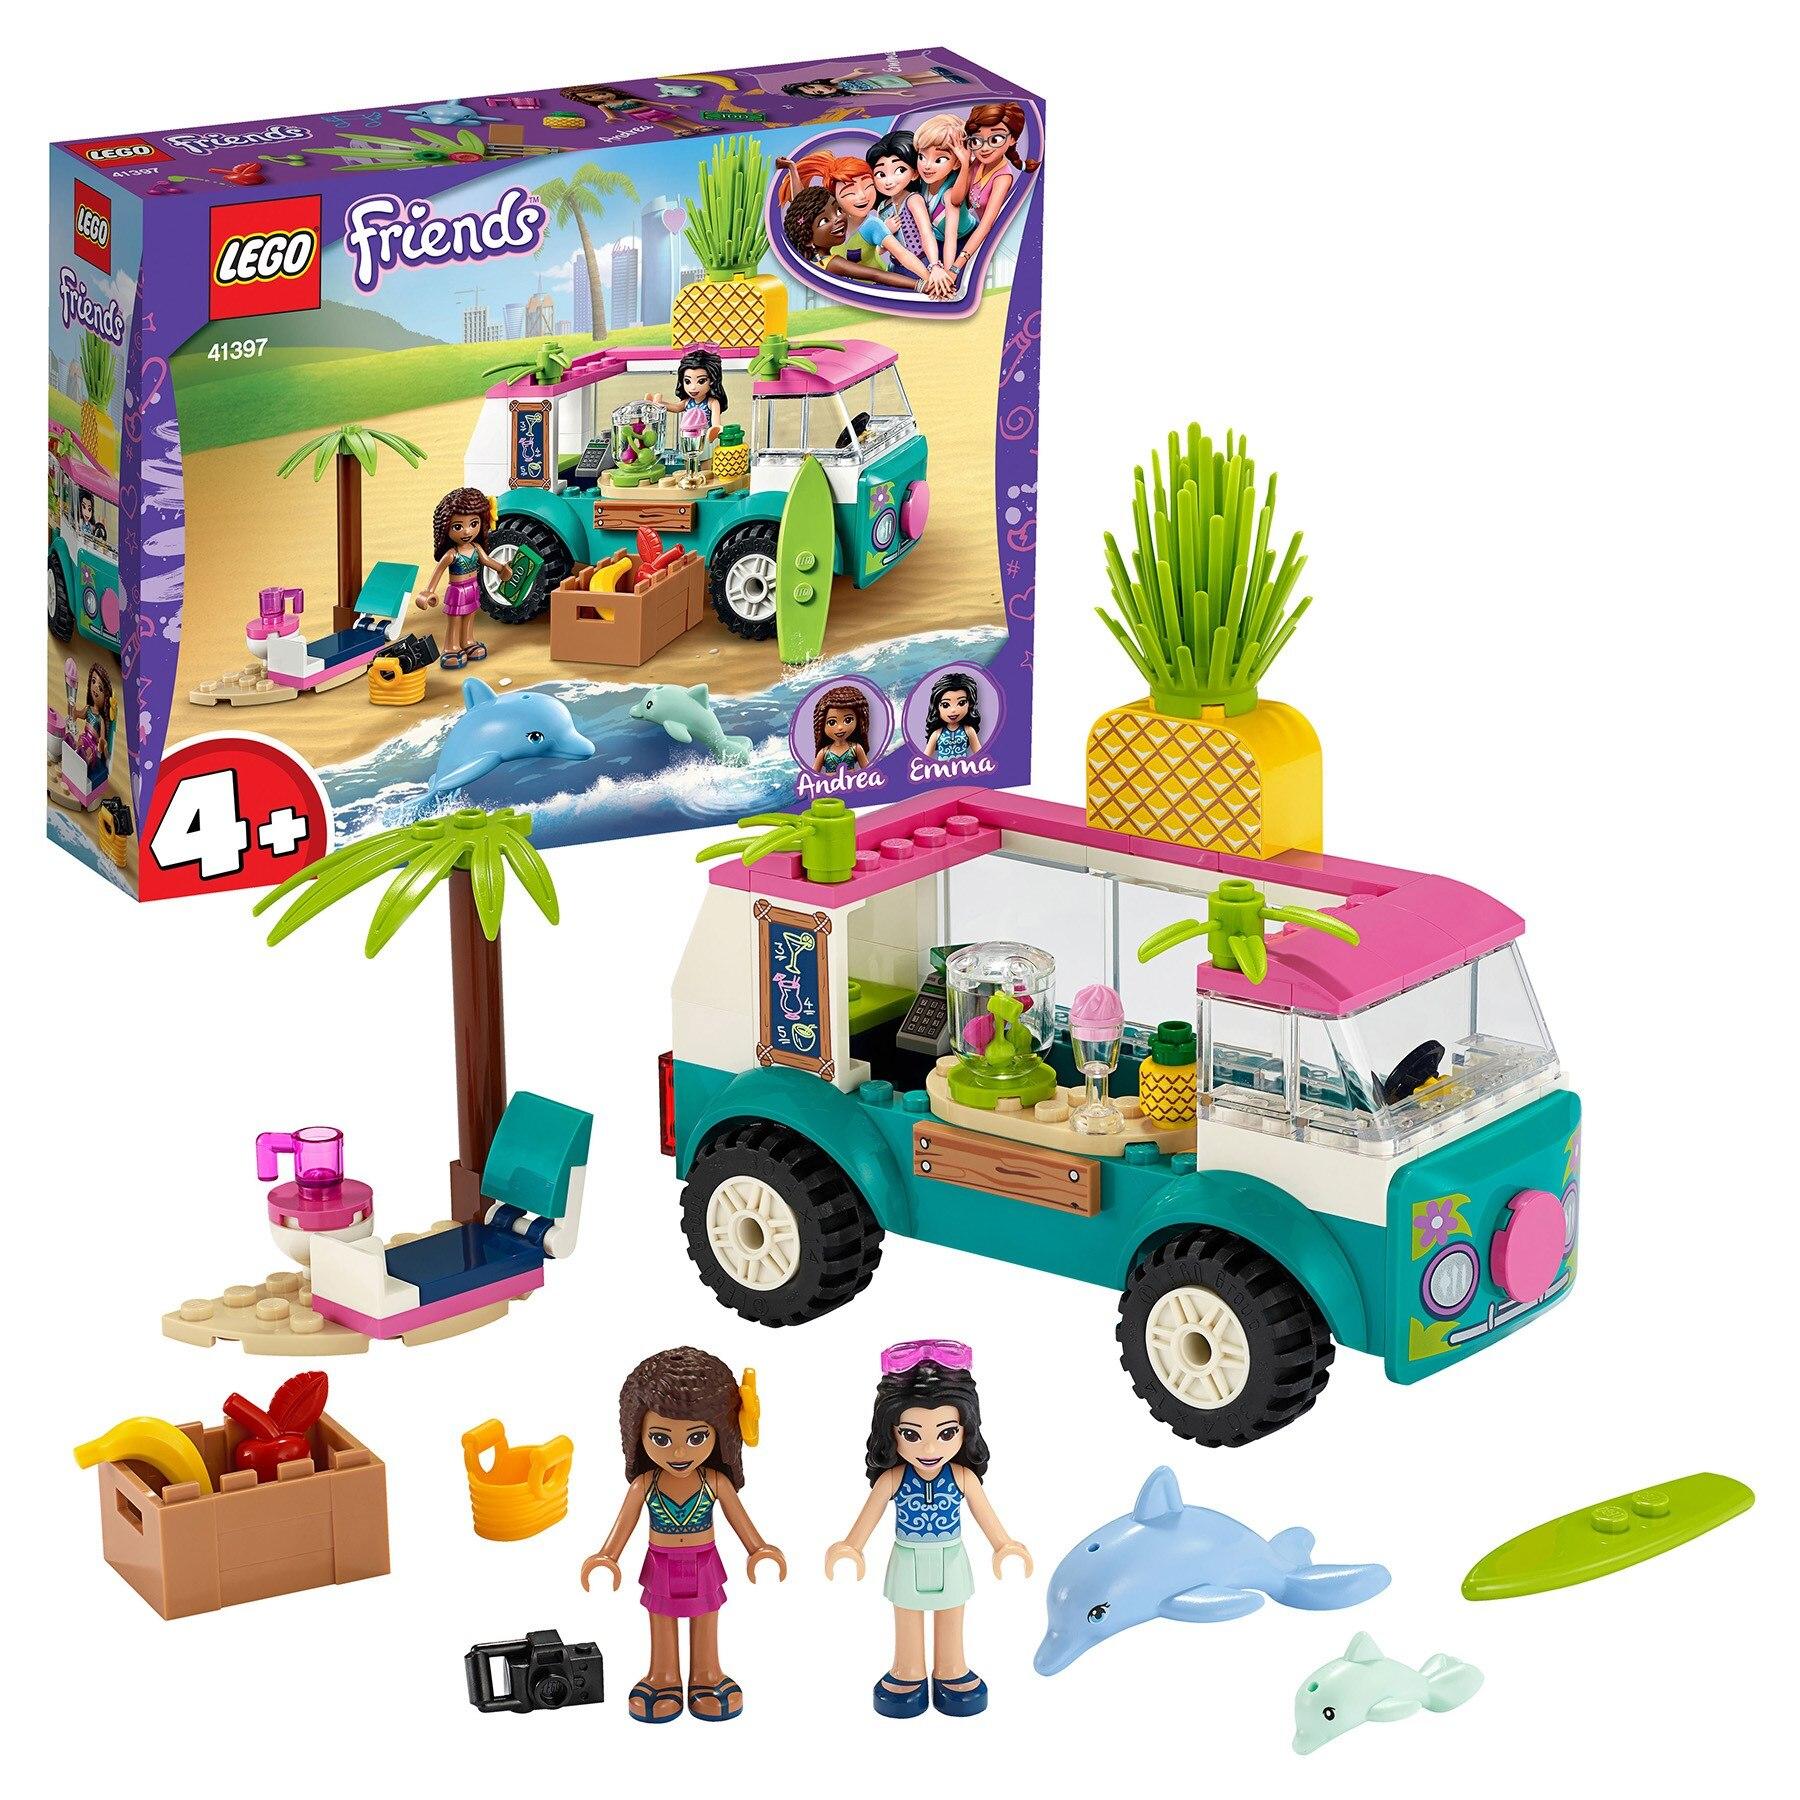 Designer Lego Friends 41397 Van-bar For Cooking Juice